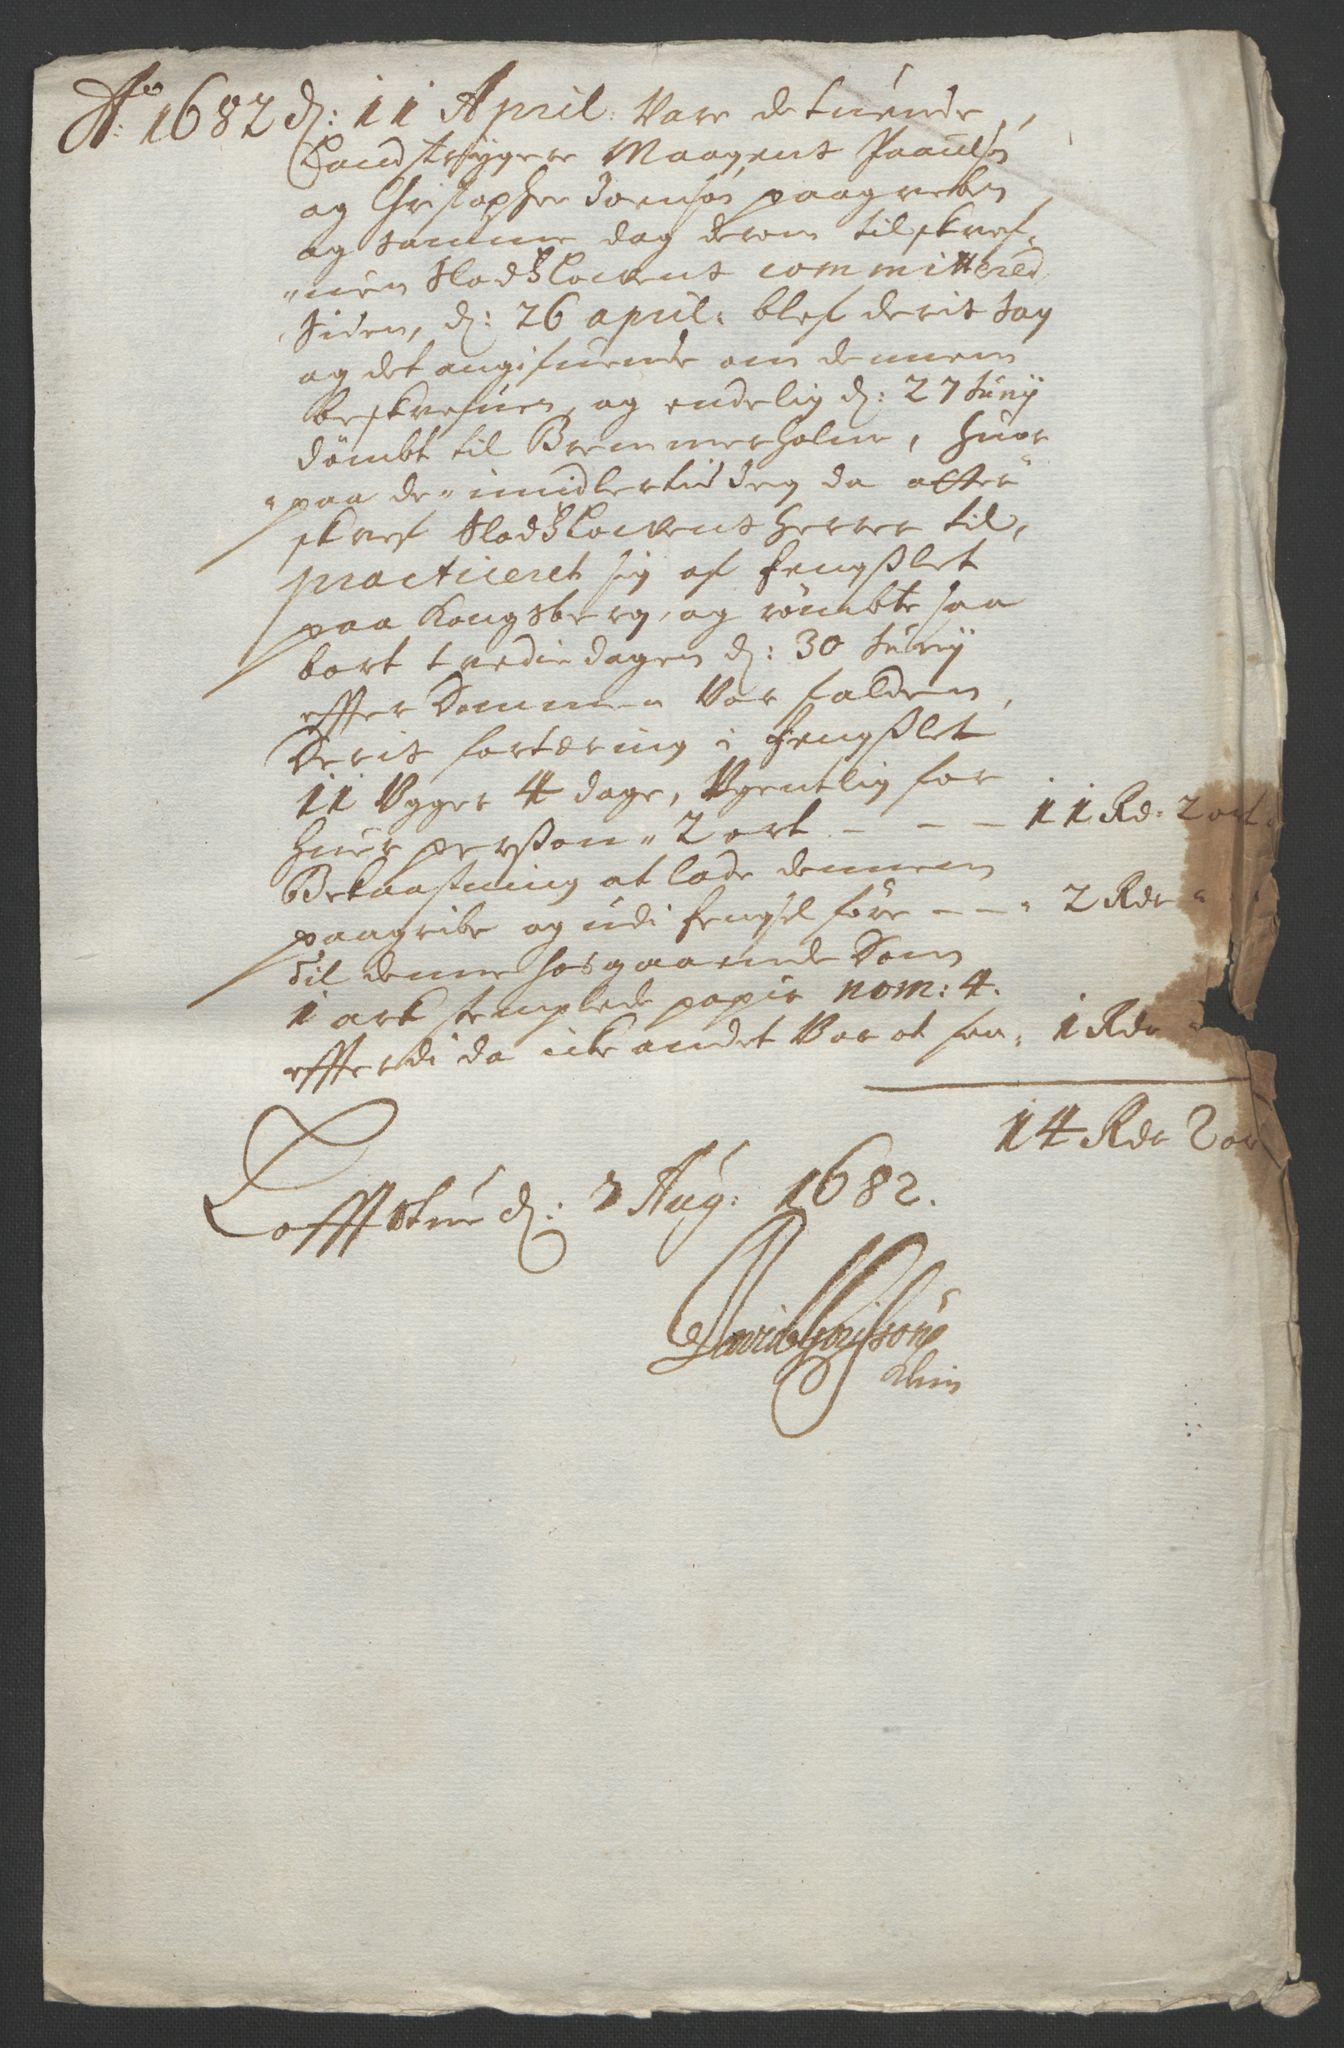 RA, Rentekammeret inntil 1814, Reviderte regnskaper, Fogderegnskap, R24/L1572: Fogderegnskap Numedal og Sandsvær, 1679-1686, s. 228